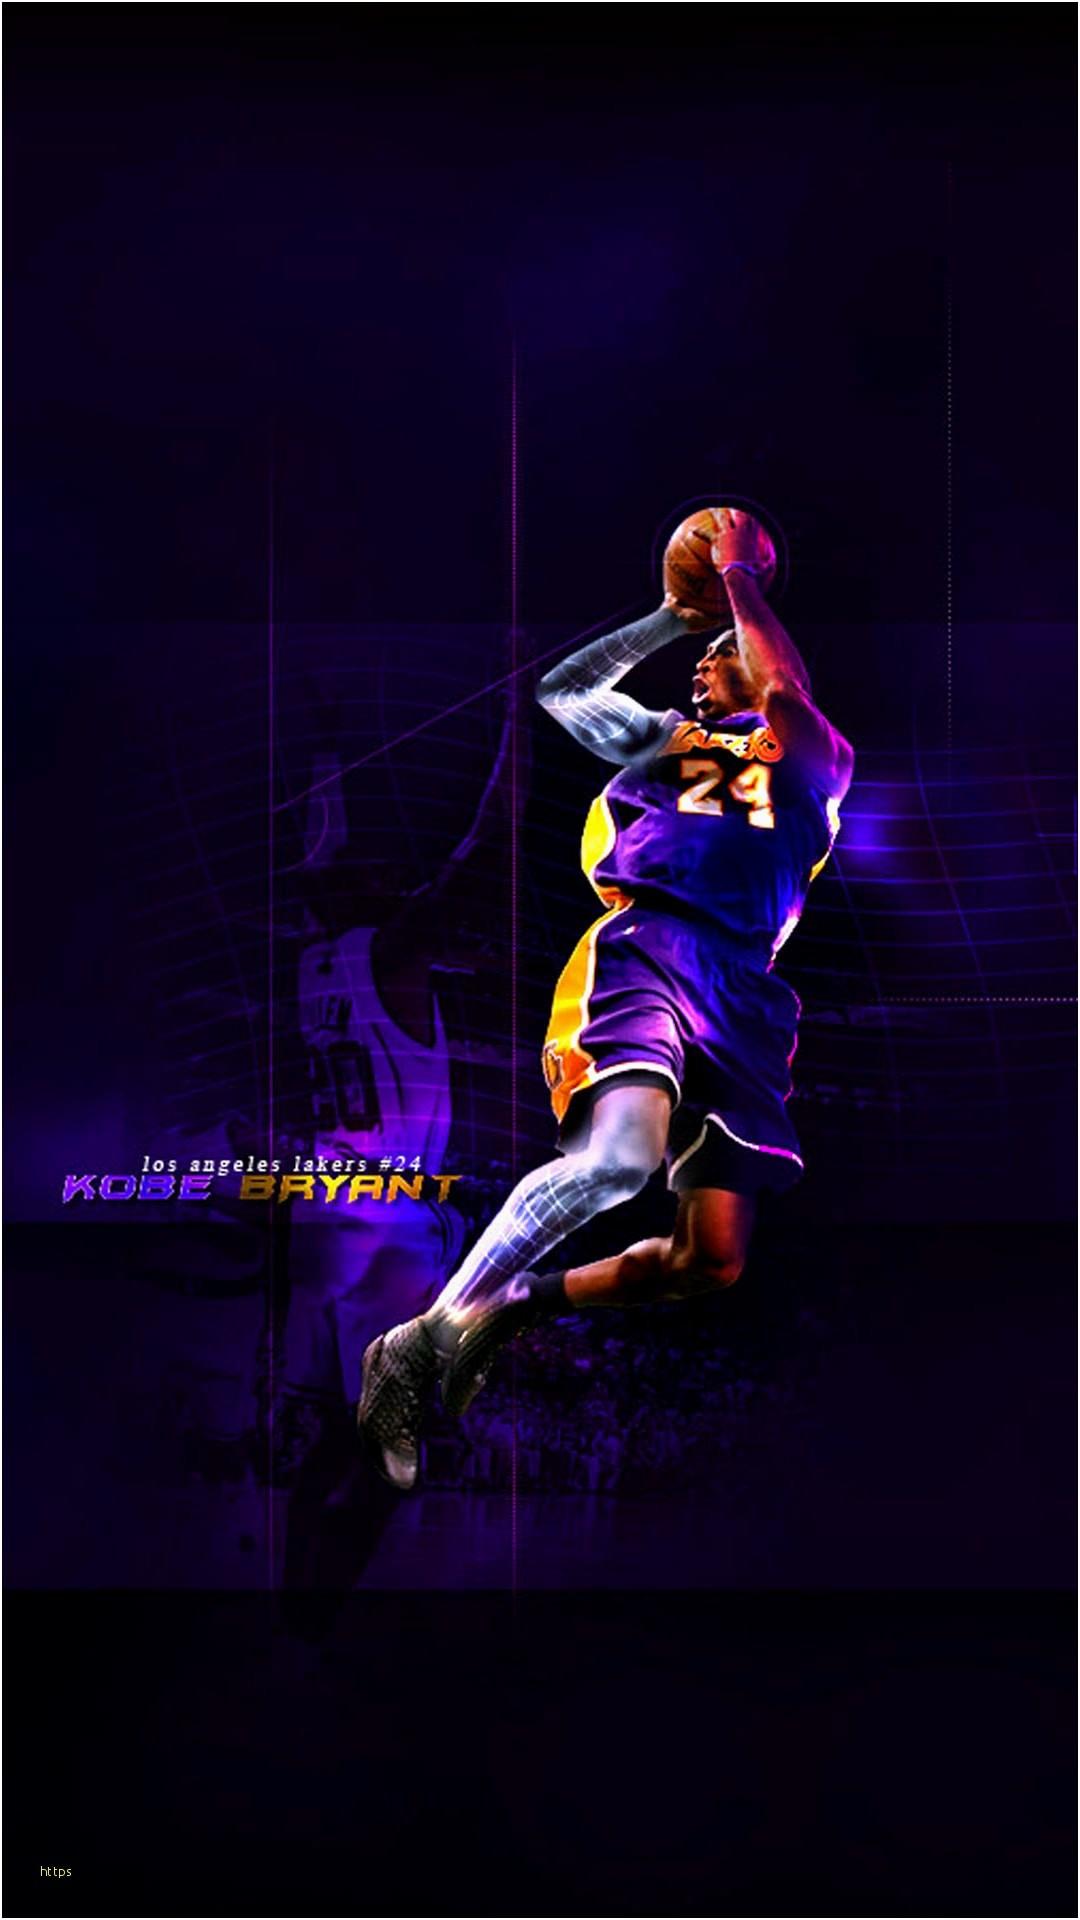 Kobe Bryant Iphone Wallpaper 76 Images